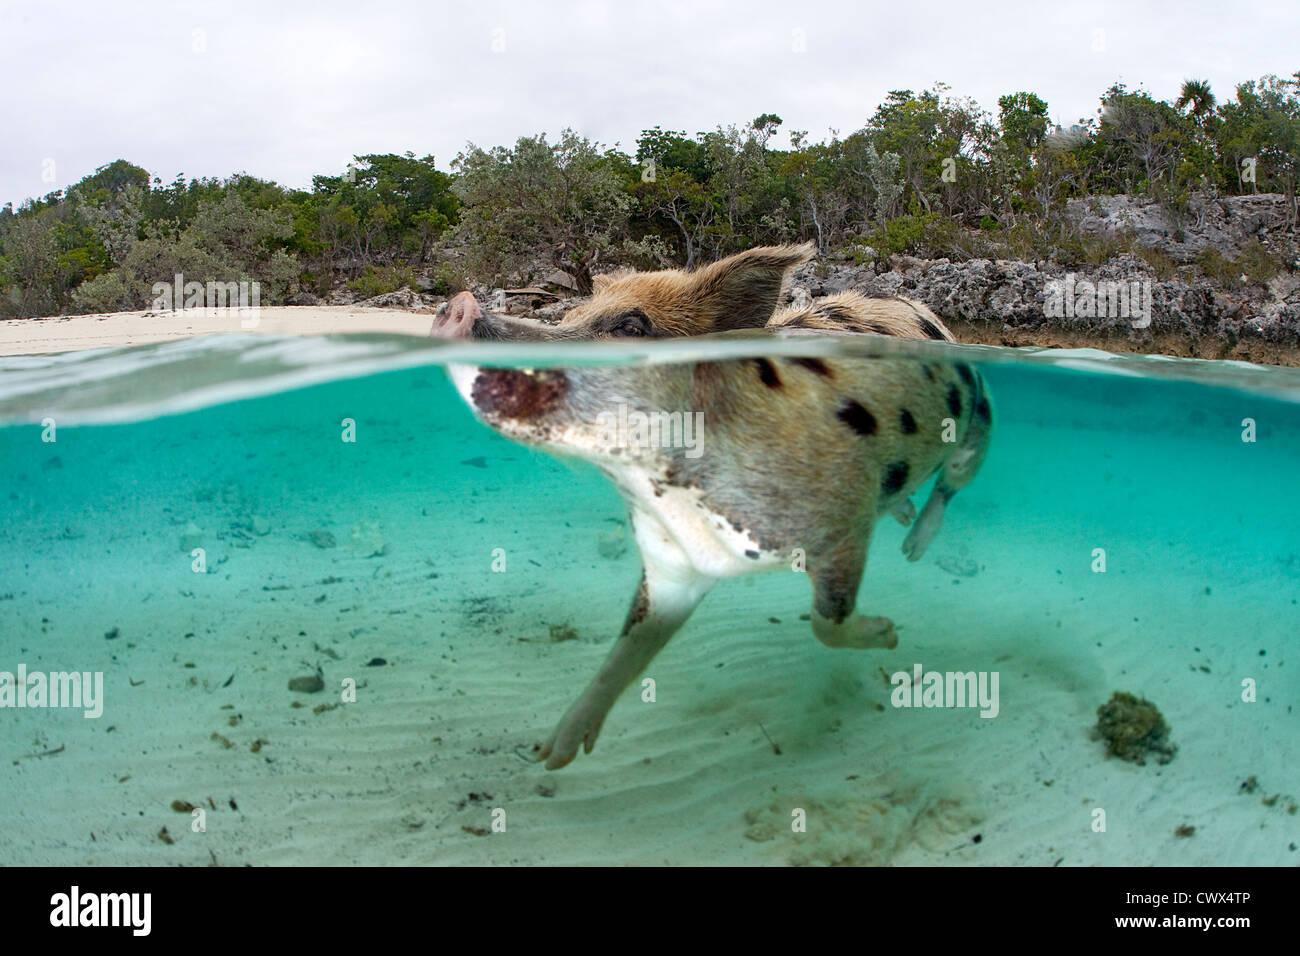 Un cerdo salvaje nadar en las cristalinas aguas de las Bahamas en Staniel Cay a saludar a un barco lleno de turistas. Imagen De Stock